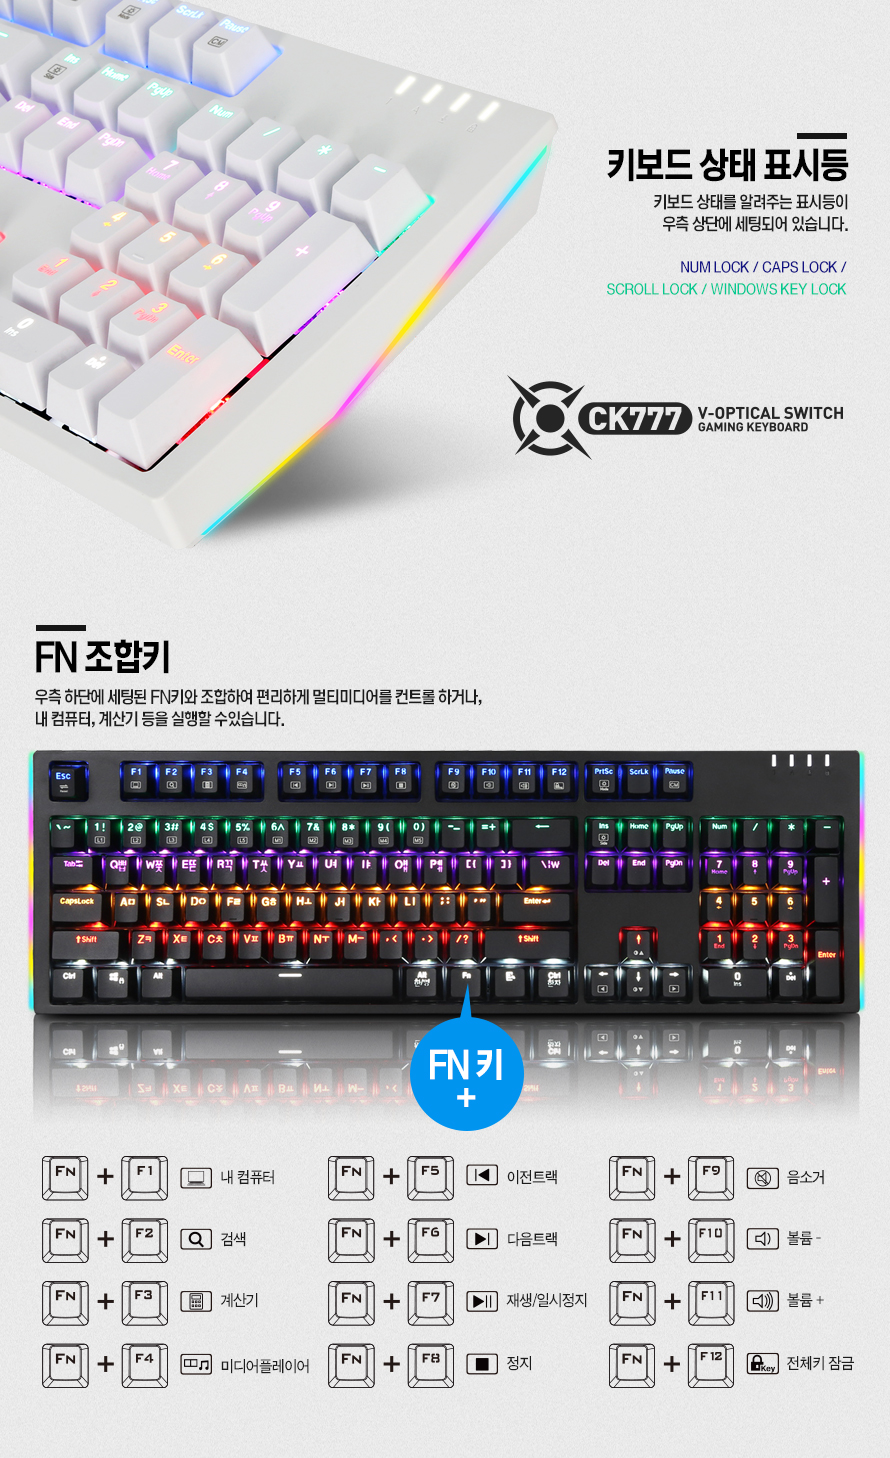 COX  CK777 V광축 완전방수 교체축 사이드 RGB 게이밍(화이트, 리니어)